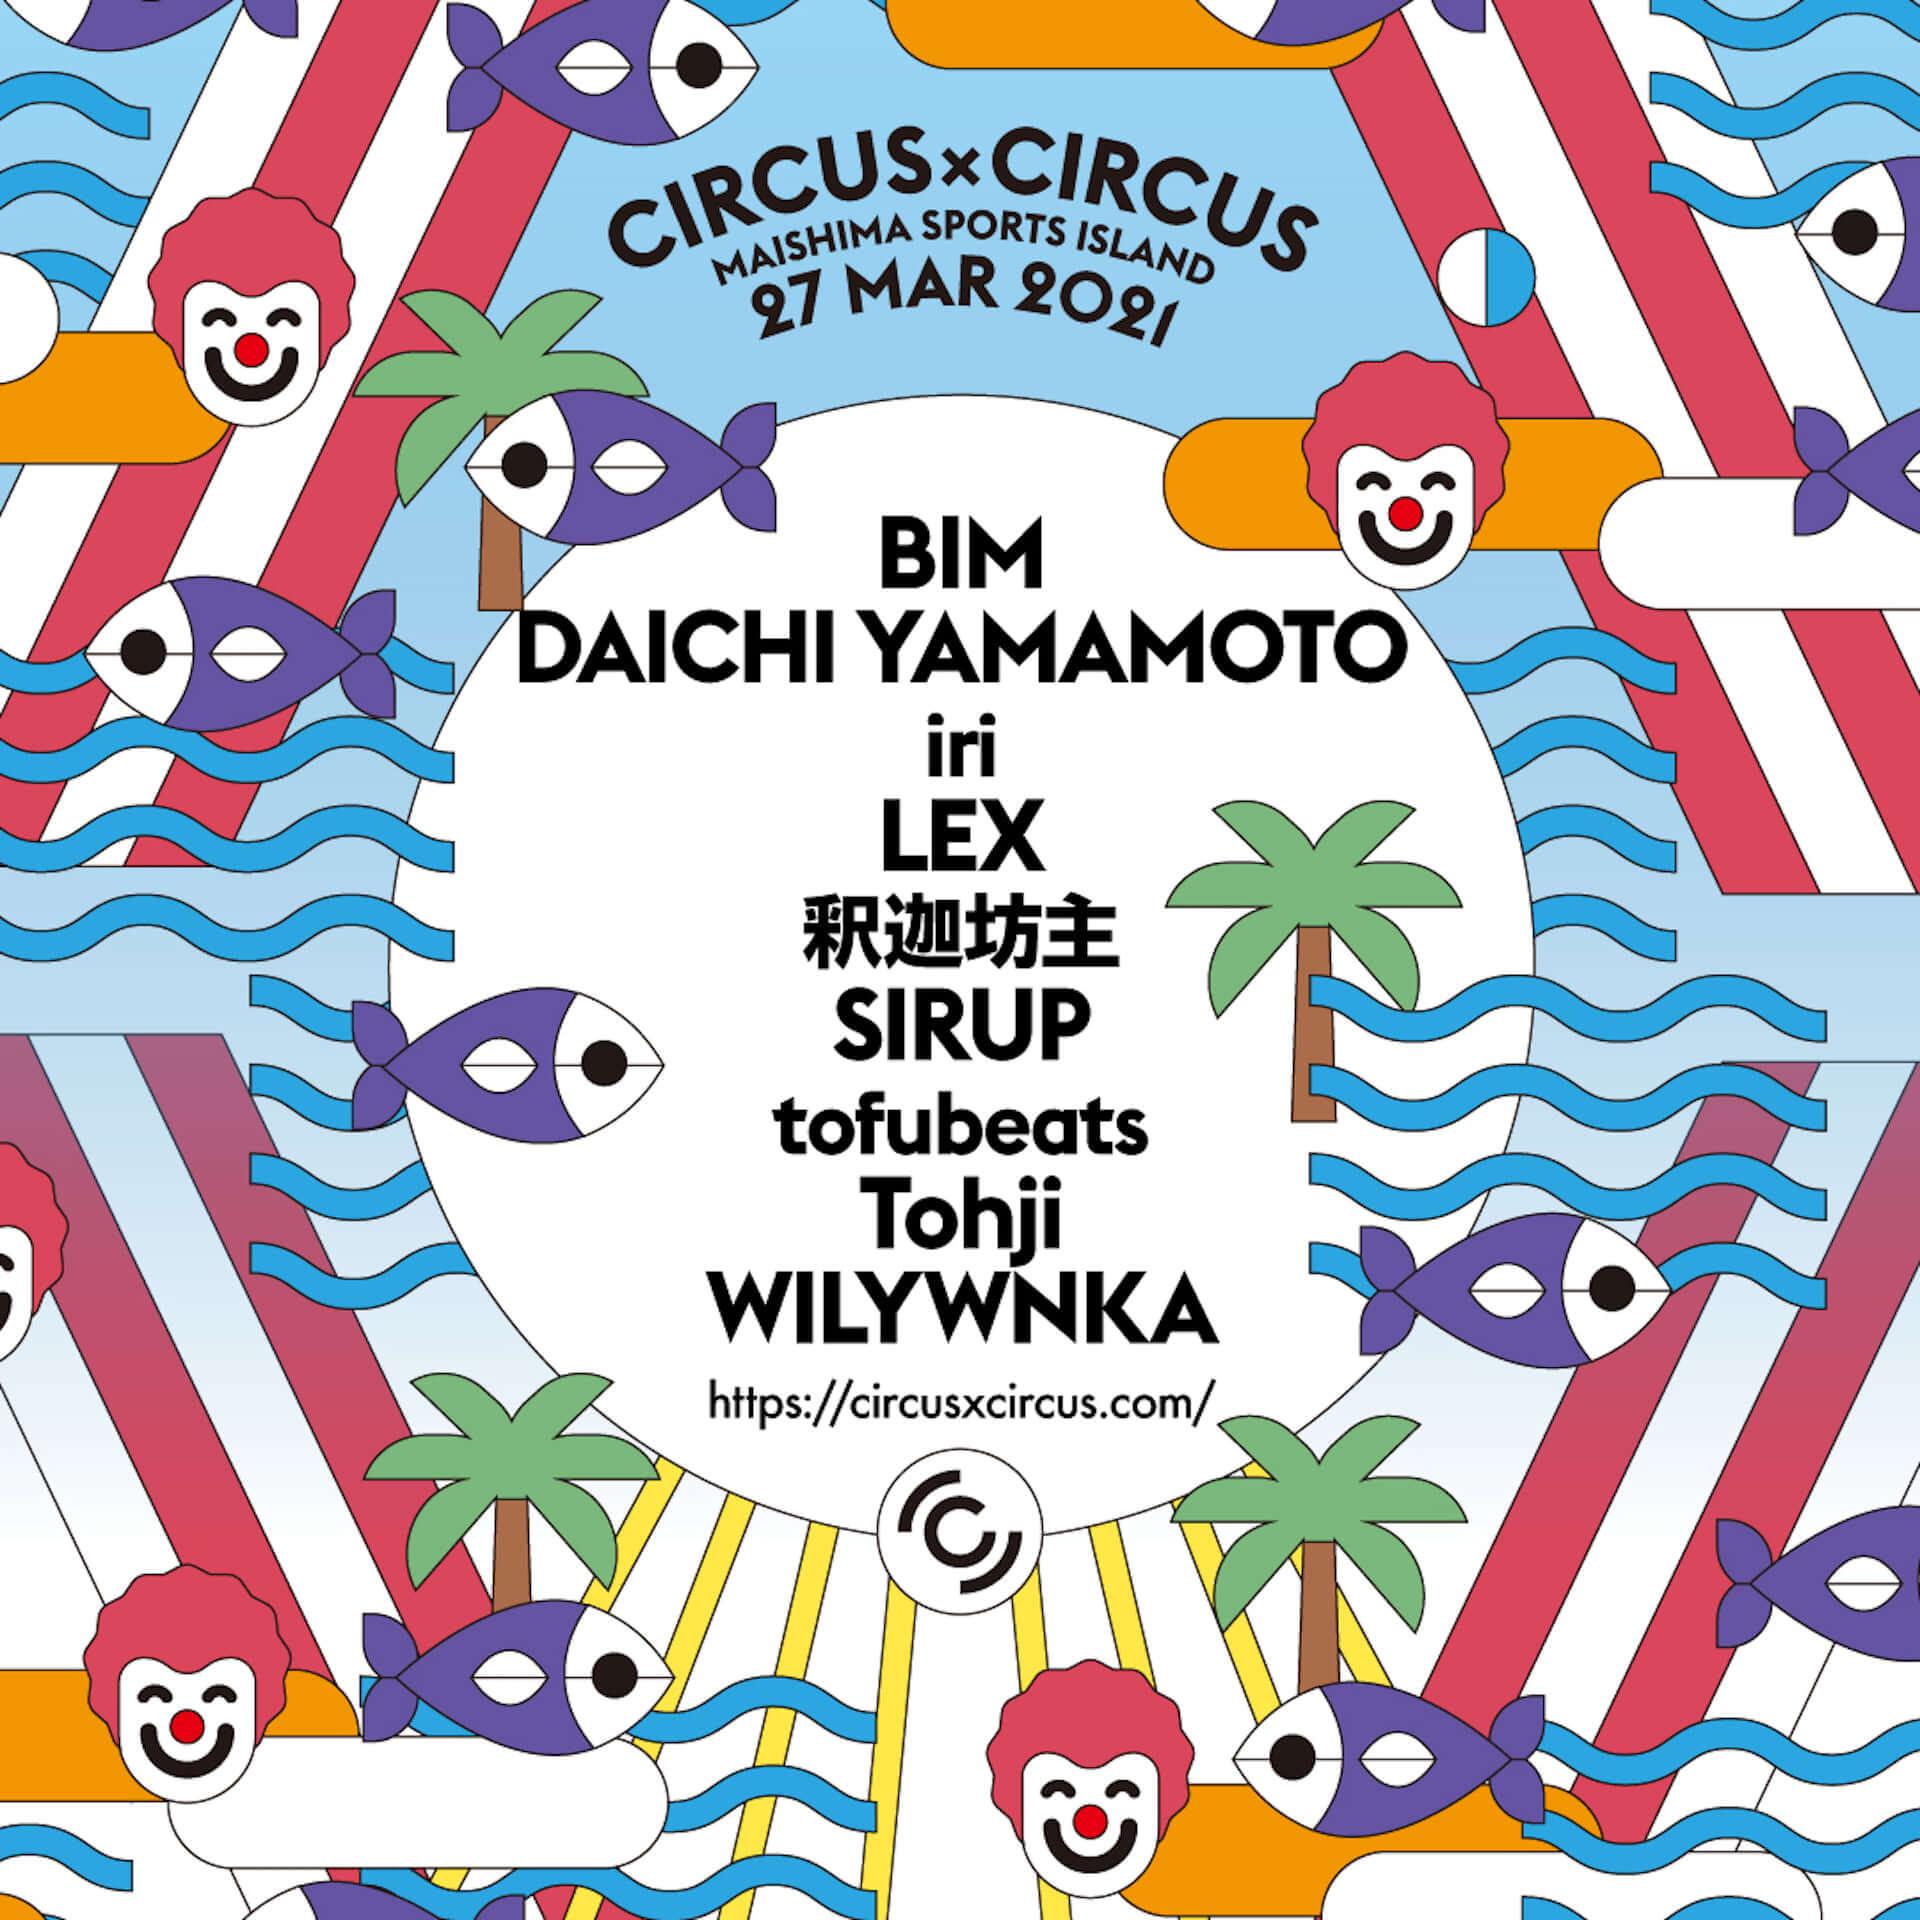 野外フェス<CIRCUS × CIRCUS>振替公演が開催決定!iri、tofubeats、Tohji、SIRUP、釈迦坊主らが出演 music210306_circusxcircus_1-1920x1920